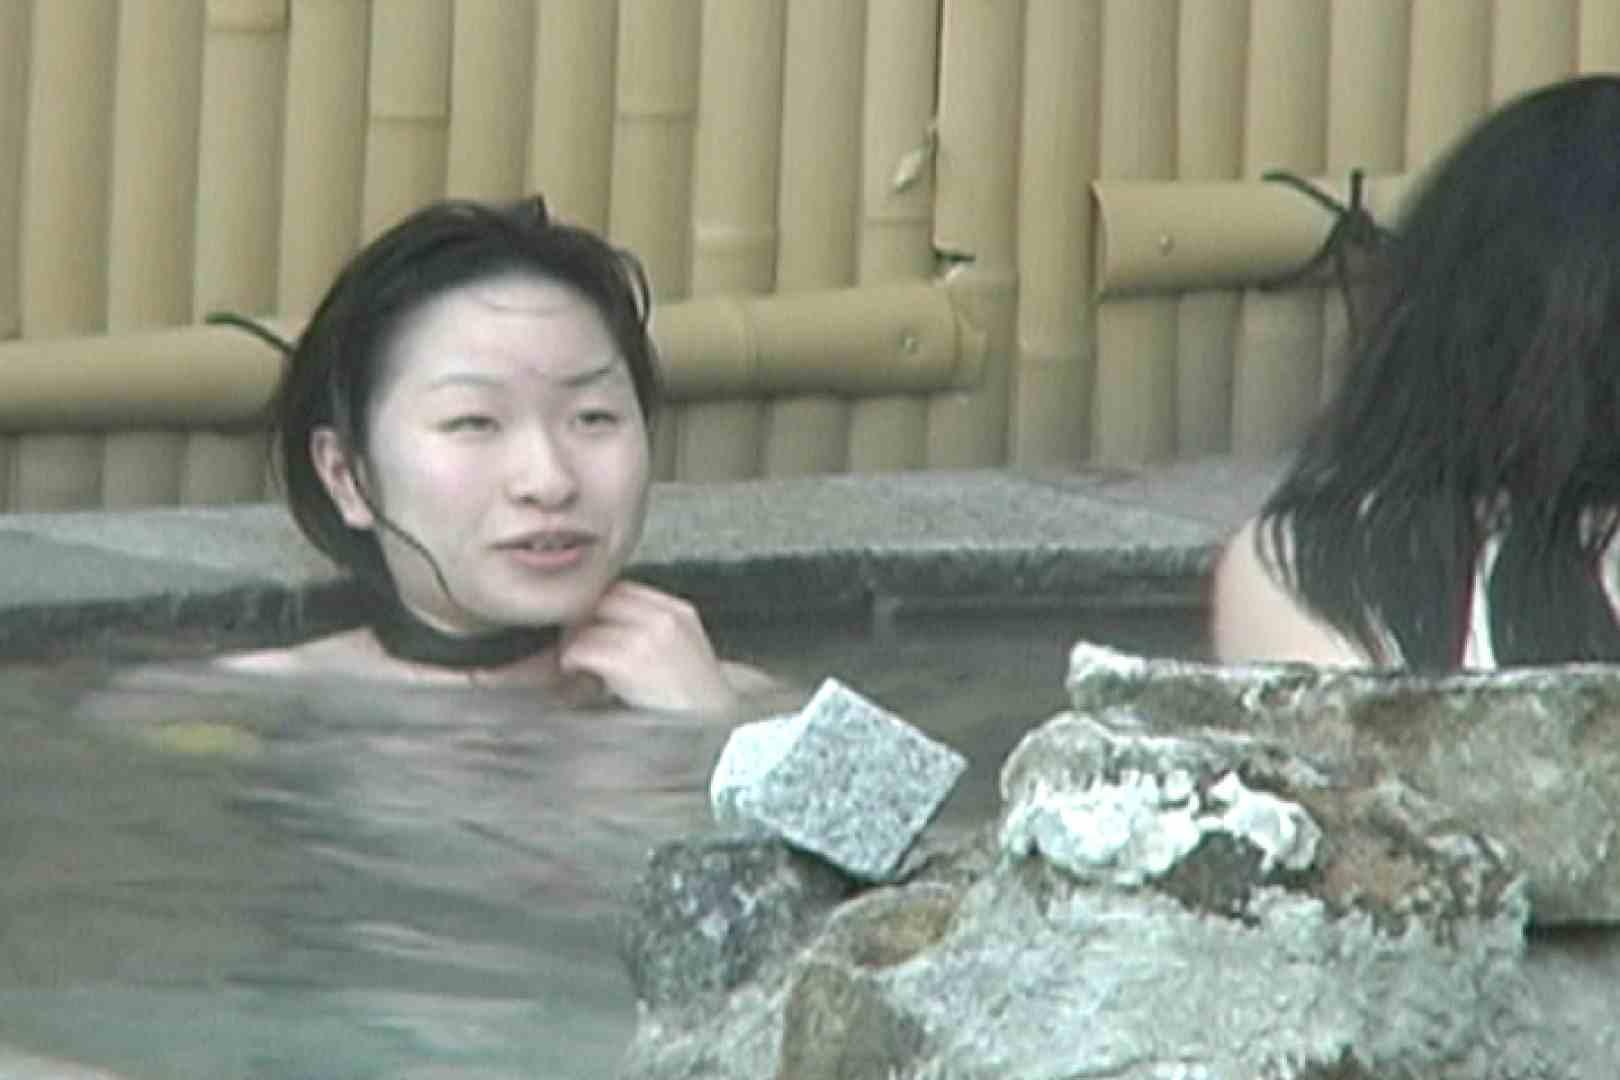 Aquaな露天風呂Vol.595 露天  112枚 99